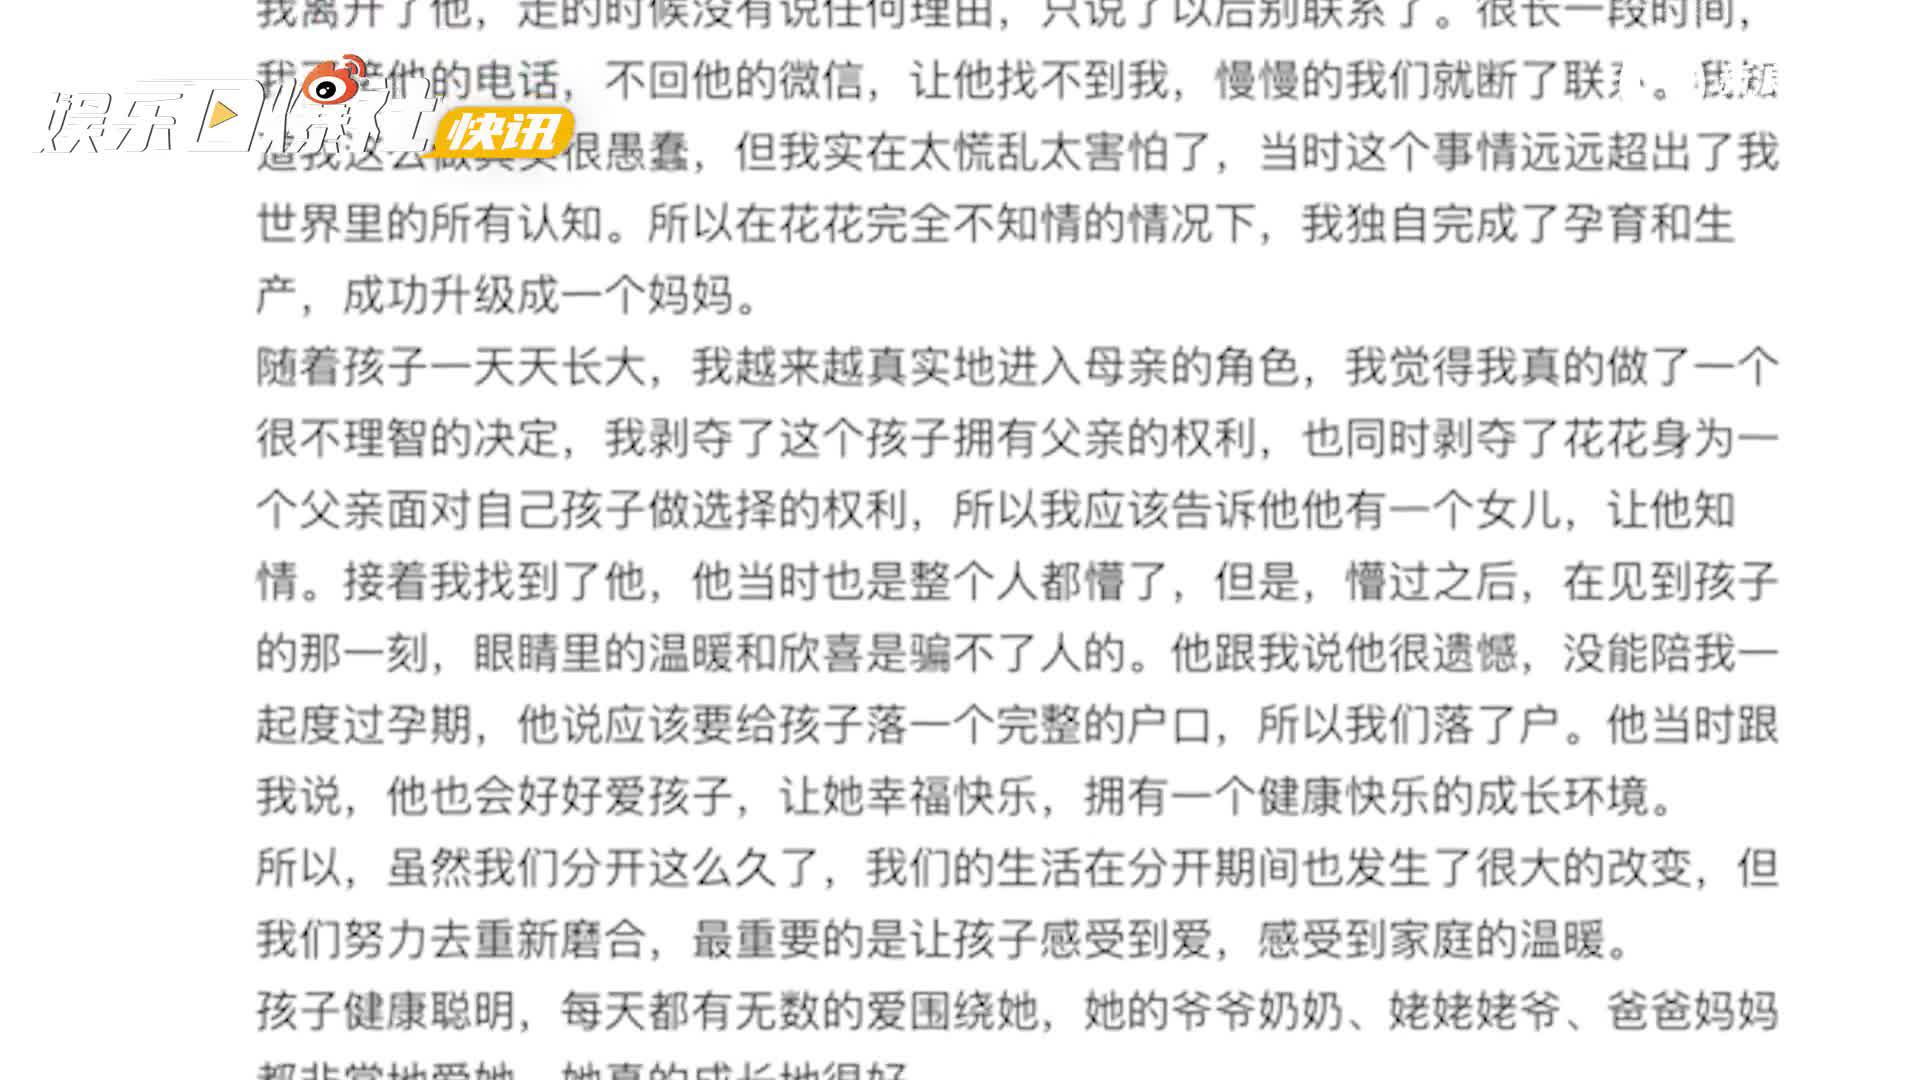 """视频:华晨宇再回应""""会坦然面对大家疑惑 无婚姻关系下共同抚养孩子"""""""